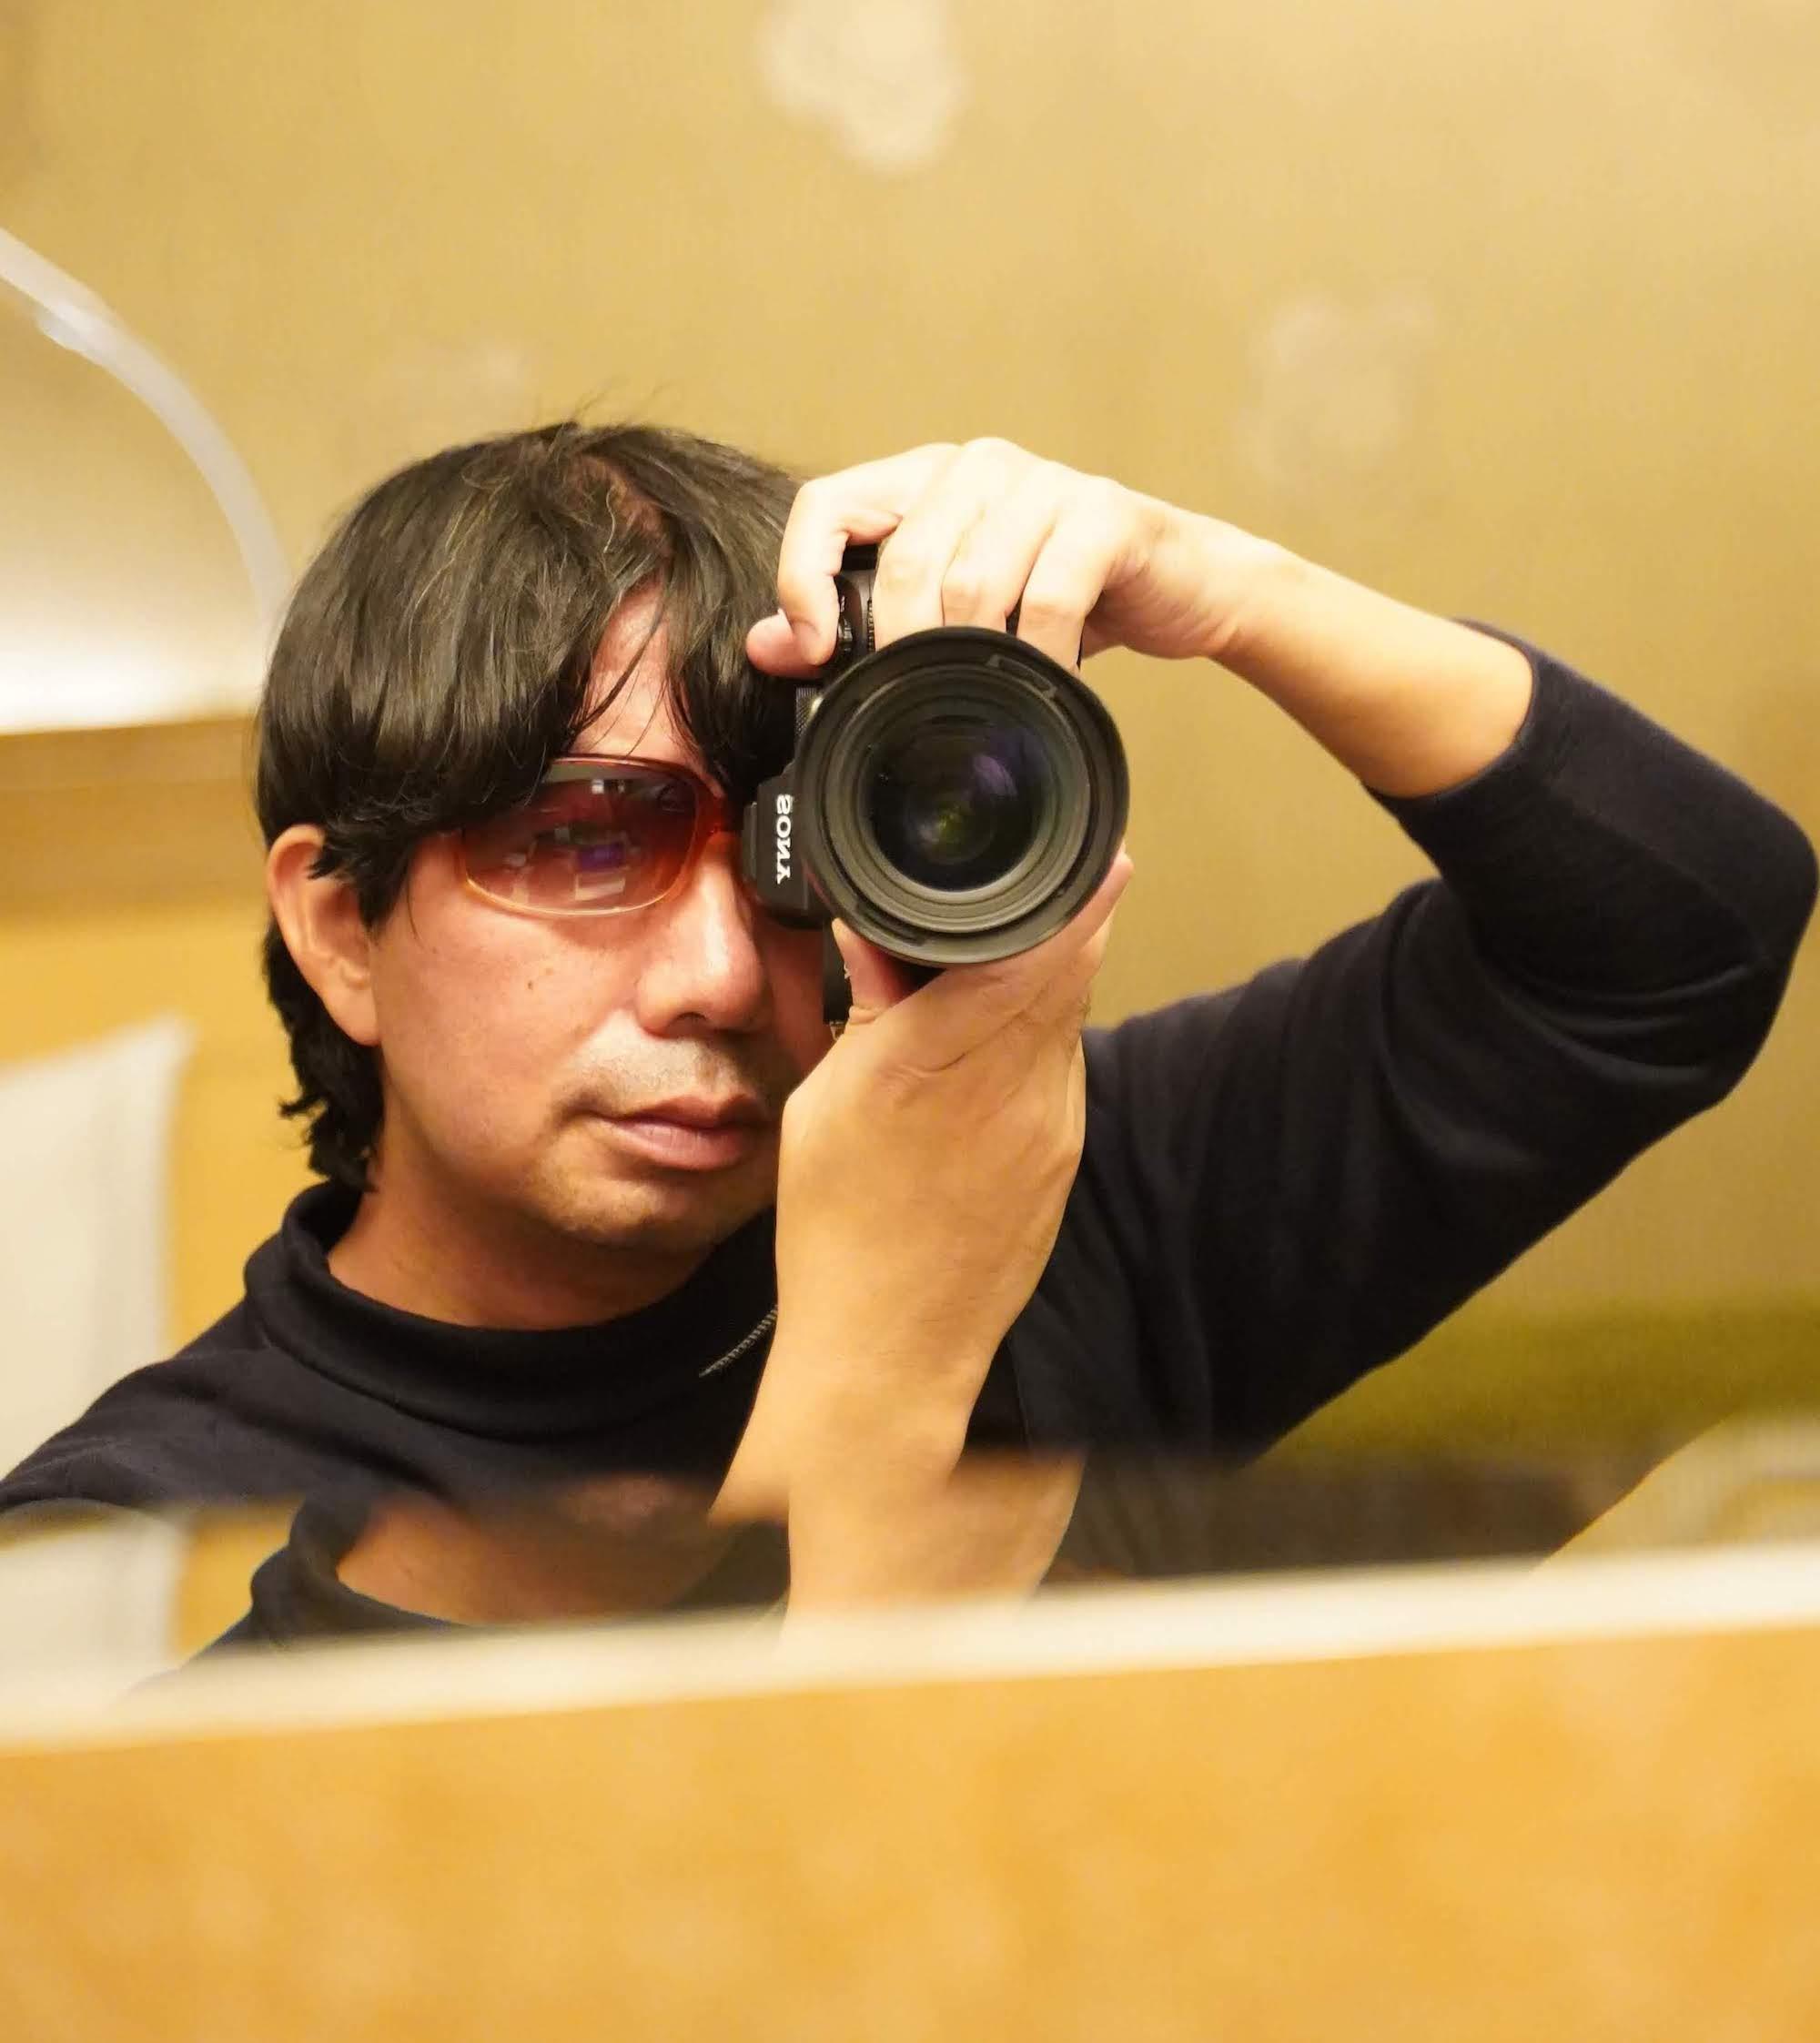 SHUN ONLINE(樺澤俊悟)CAMERAMAN(カメラマン)/2019年11月30日、シンガポール・マリーナベイサンズにて